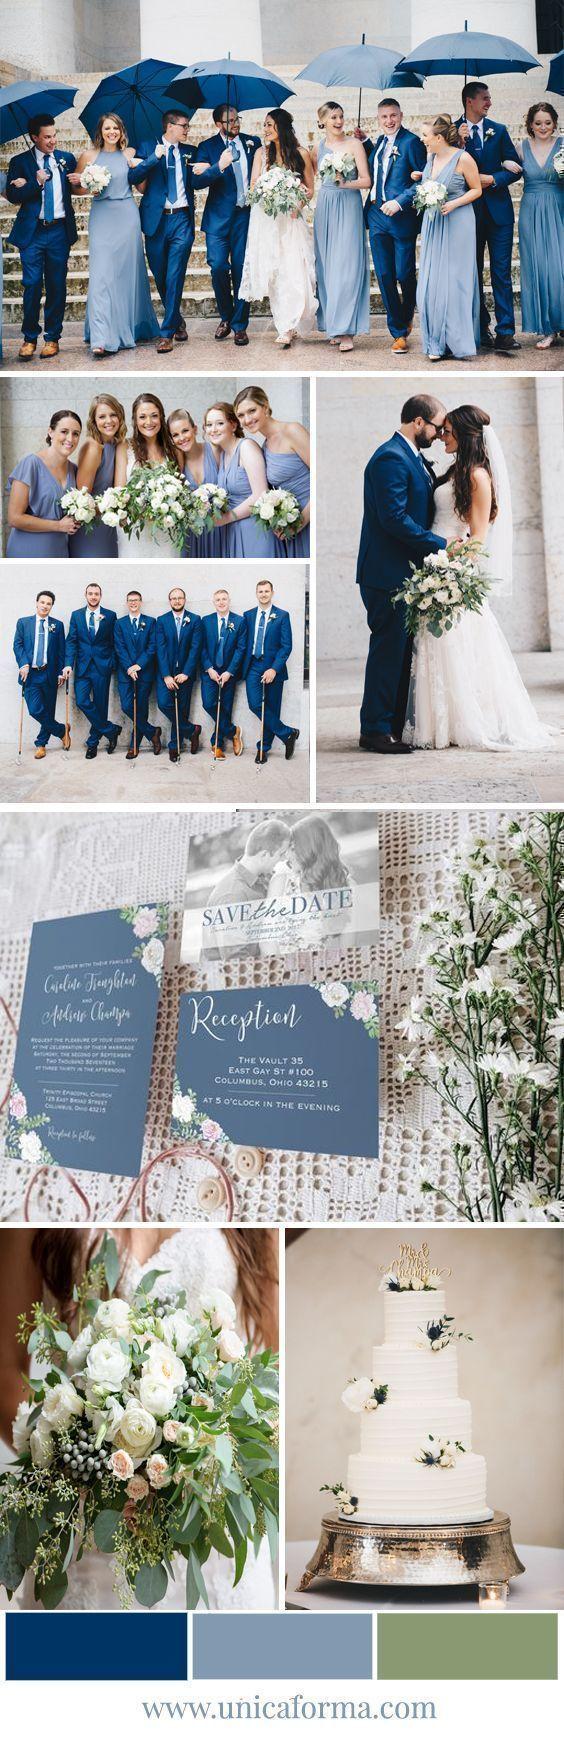 Dusty blue wedding navy blue wedding french blue wedding shades